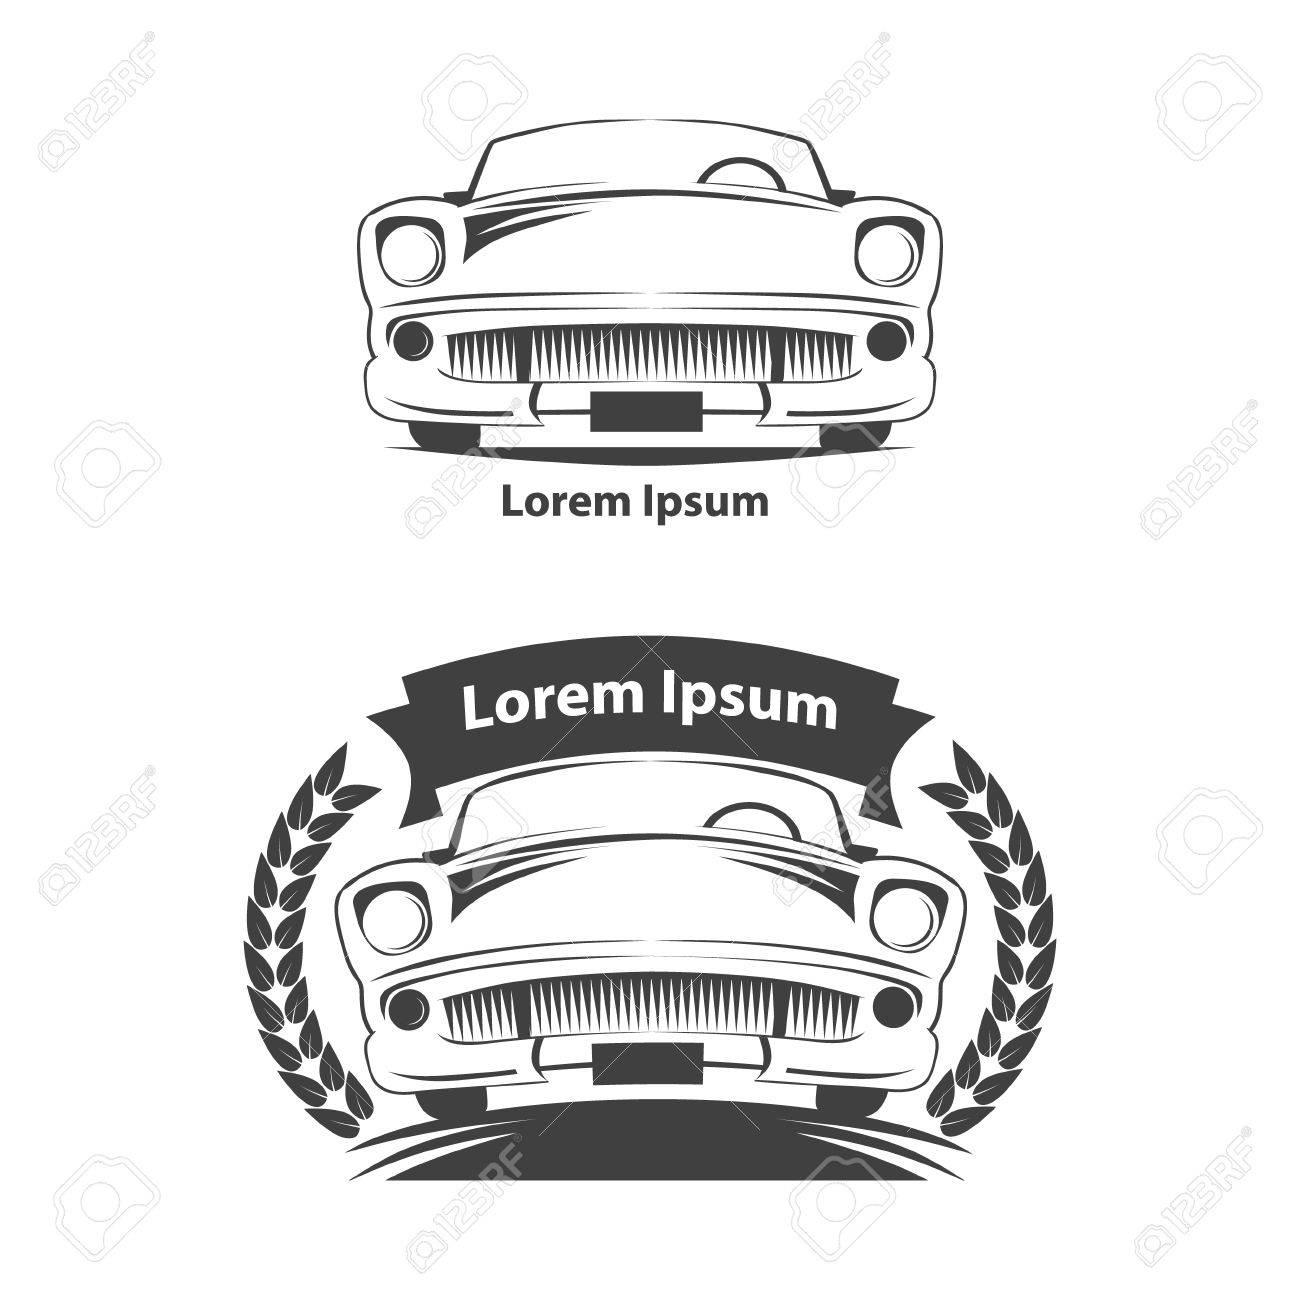 Auto-Symbol, Autos Und Einfache Rahmen, Einfache Illustration ...